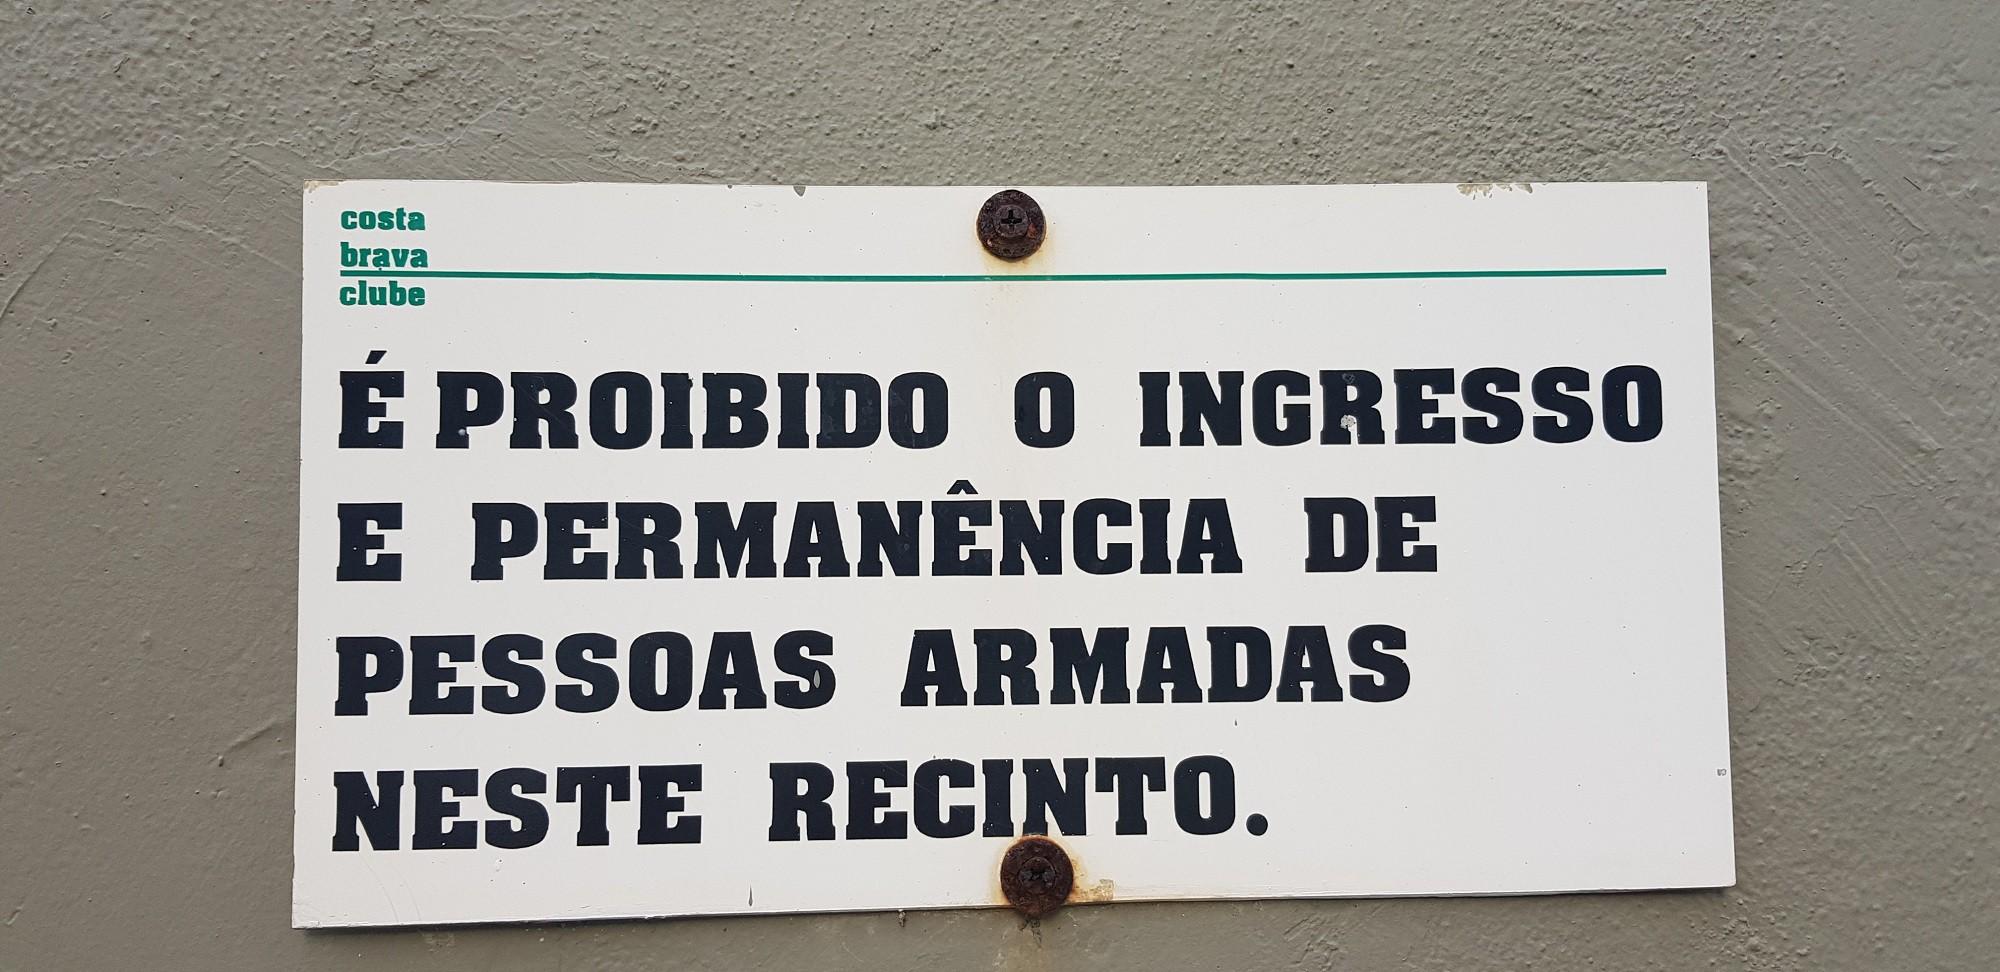 Placa em clube do Rio